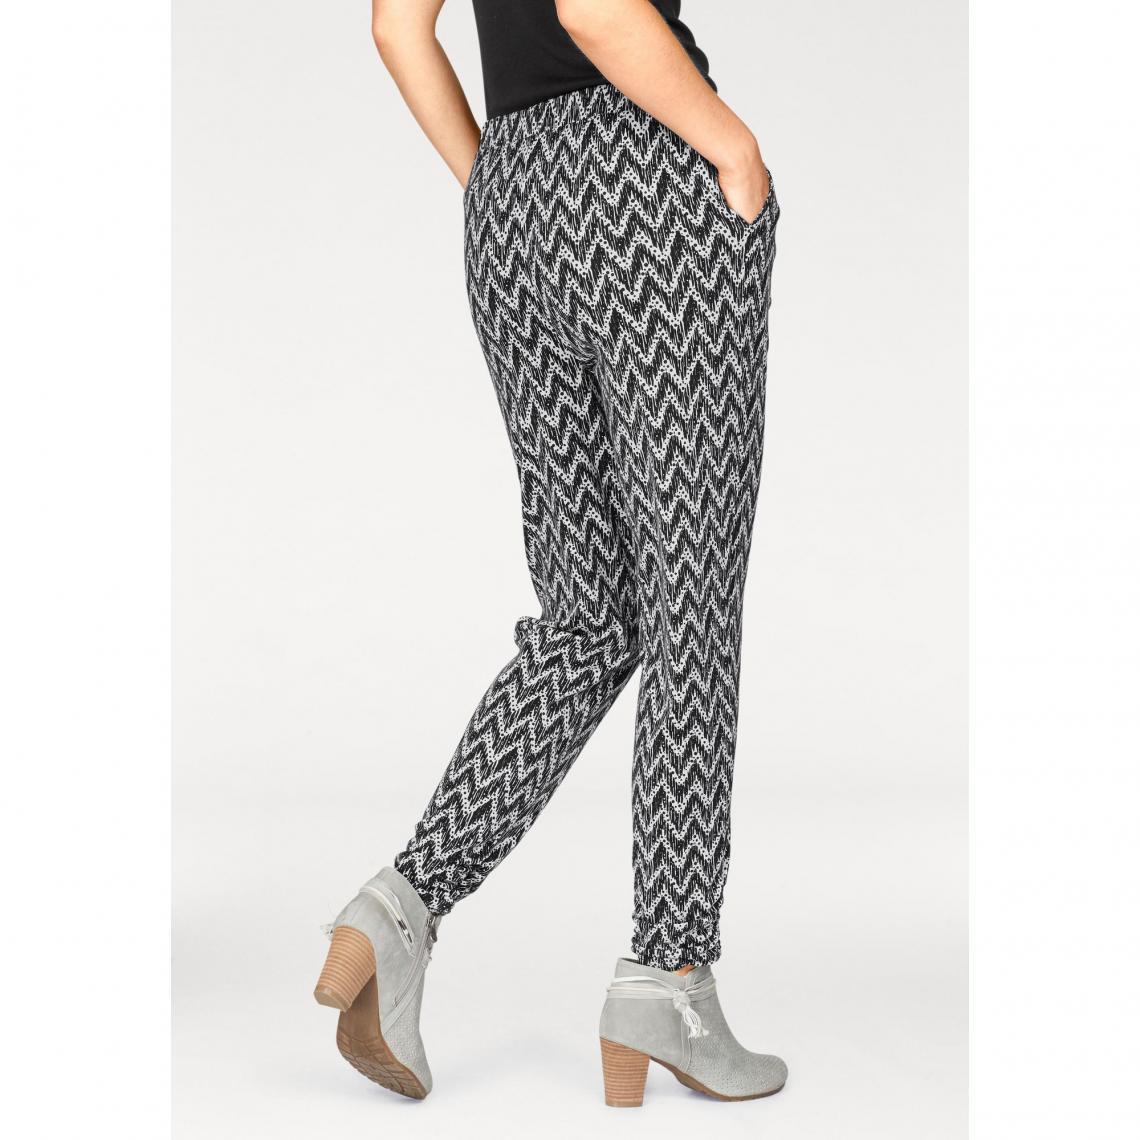 ea414f920d5b Pantalon imprimé graphique taille élastiquée femme BoyseN s ...